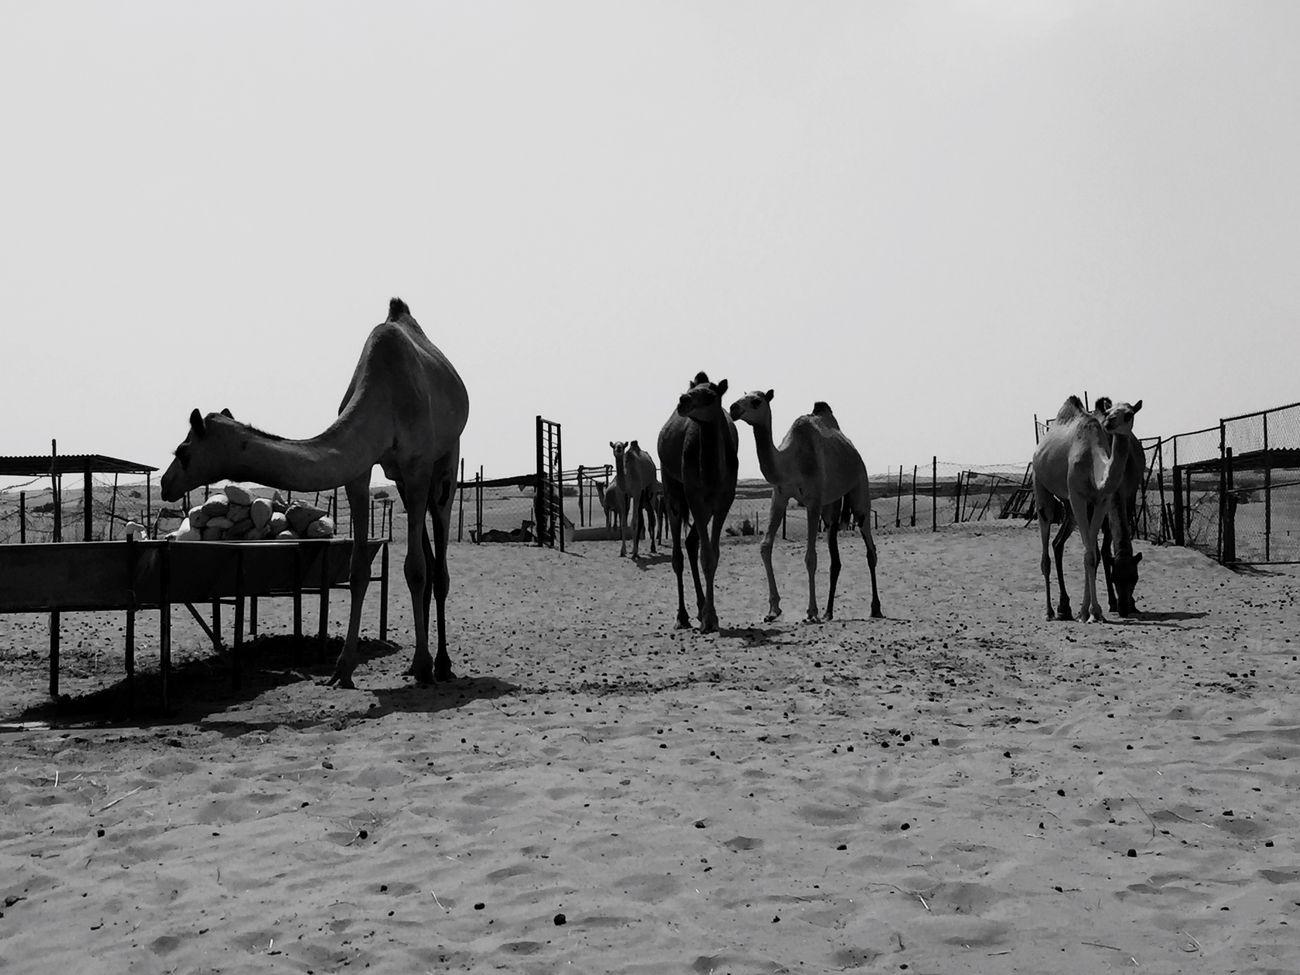 VAE Dubai Dubai❤ Camels Kamel Animals Nature Desert Dunes Sand Animal Interest Camel Black White Blackandwhite Photography Nature Photography Animal Themes Favourite Places Favourite Animal Outdoors Trip Desert Beauty Deserts Around The World Beduines Desert Life